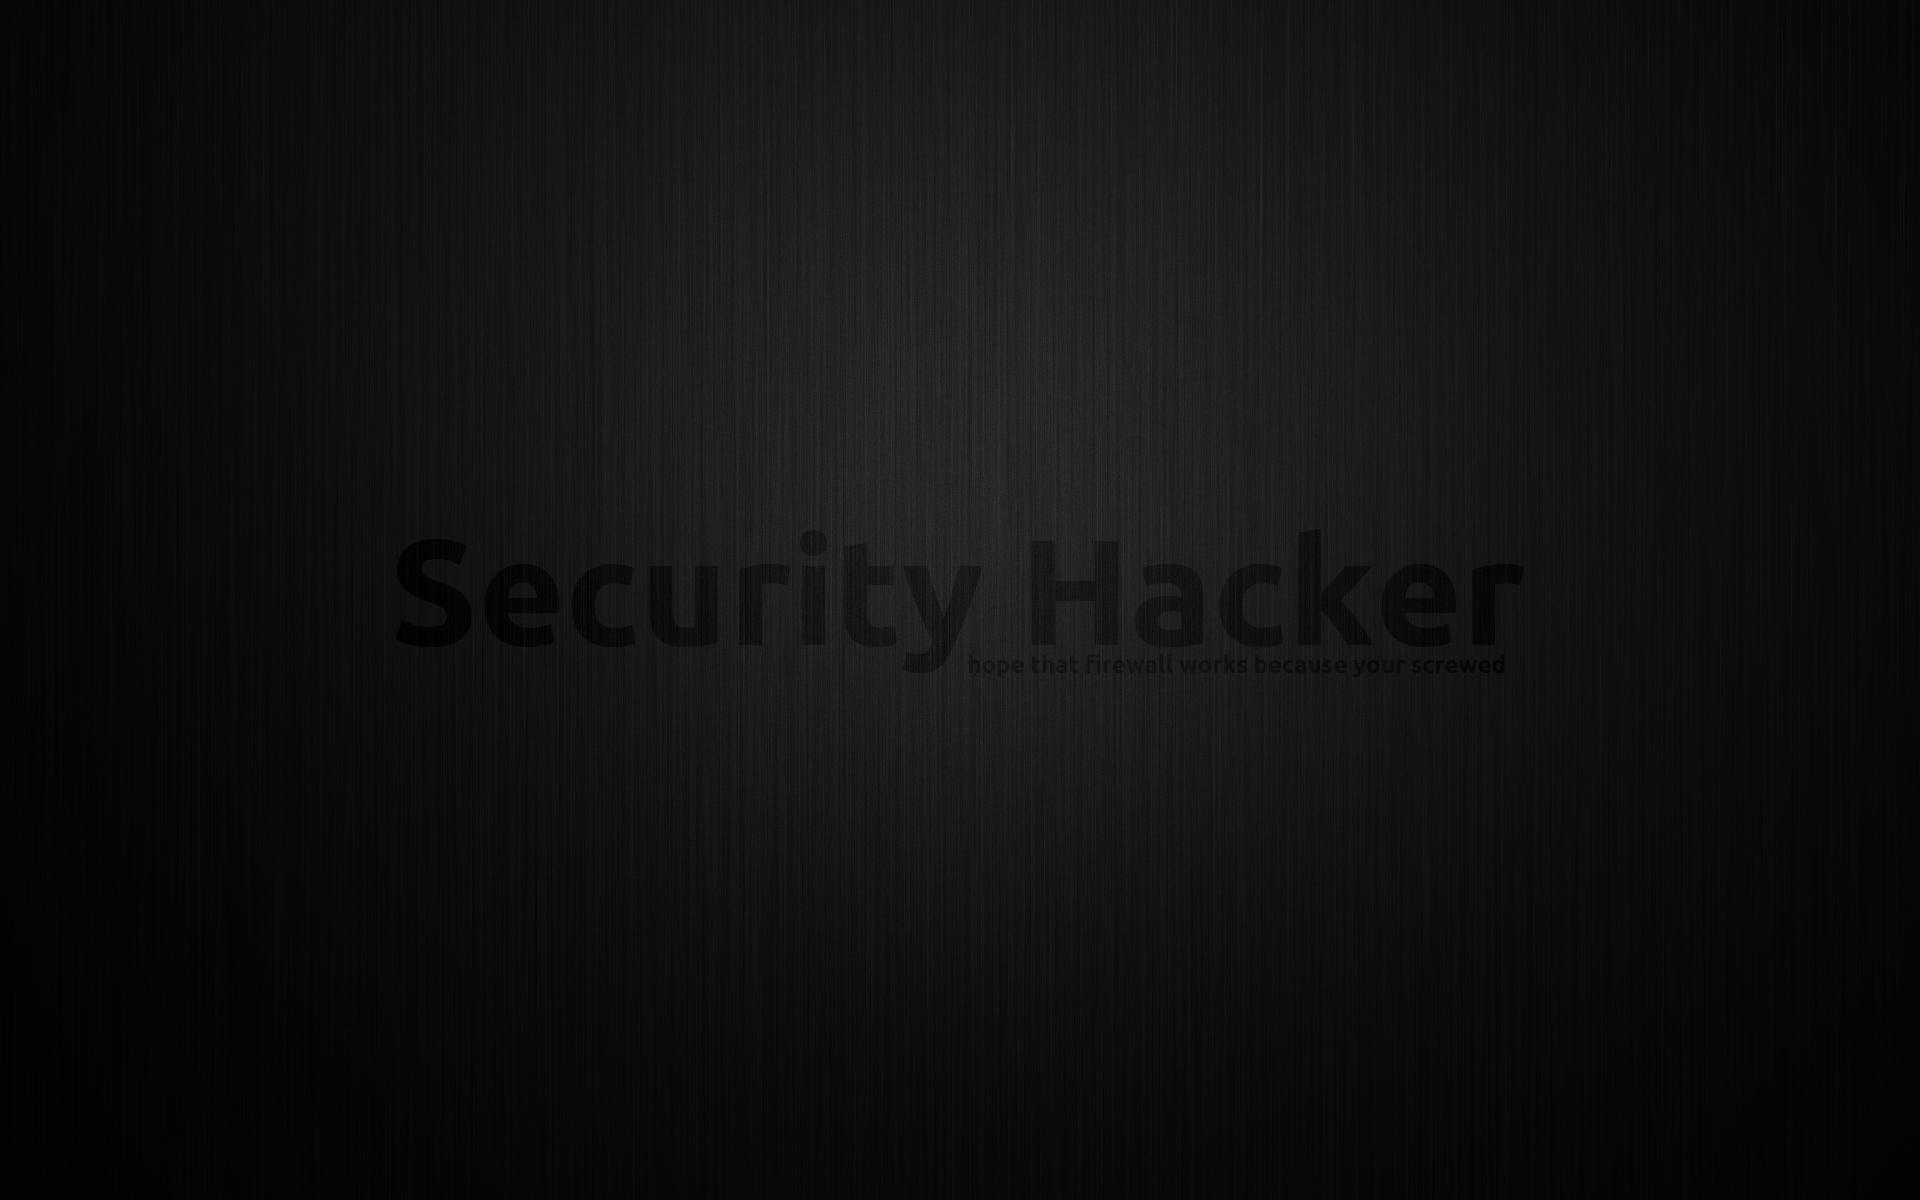 security wallpaper hacker art securityhacker 1920x1200